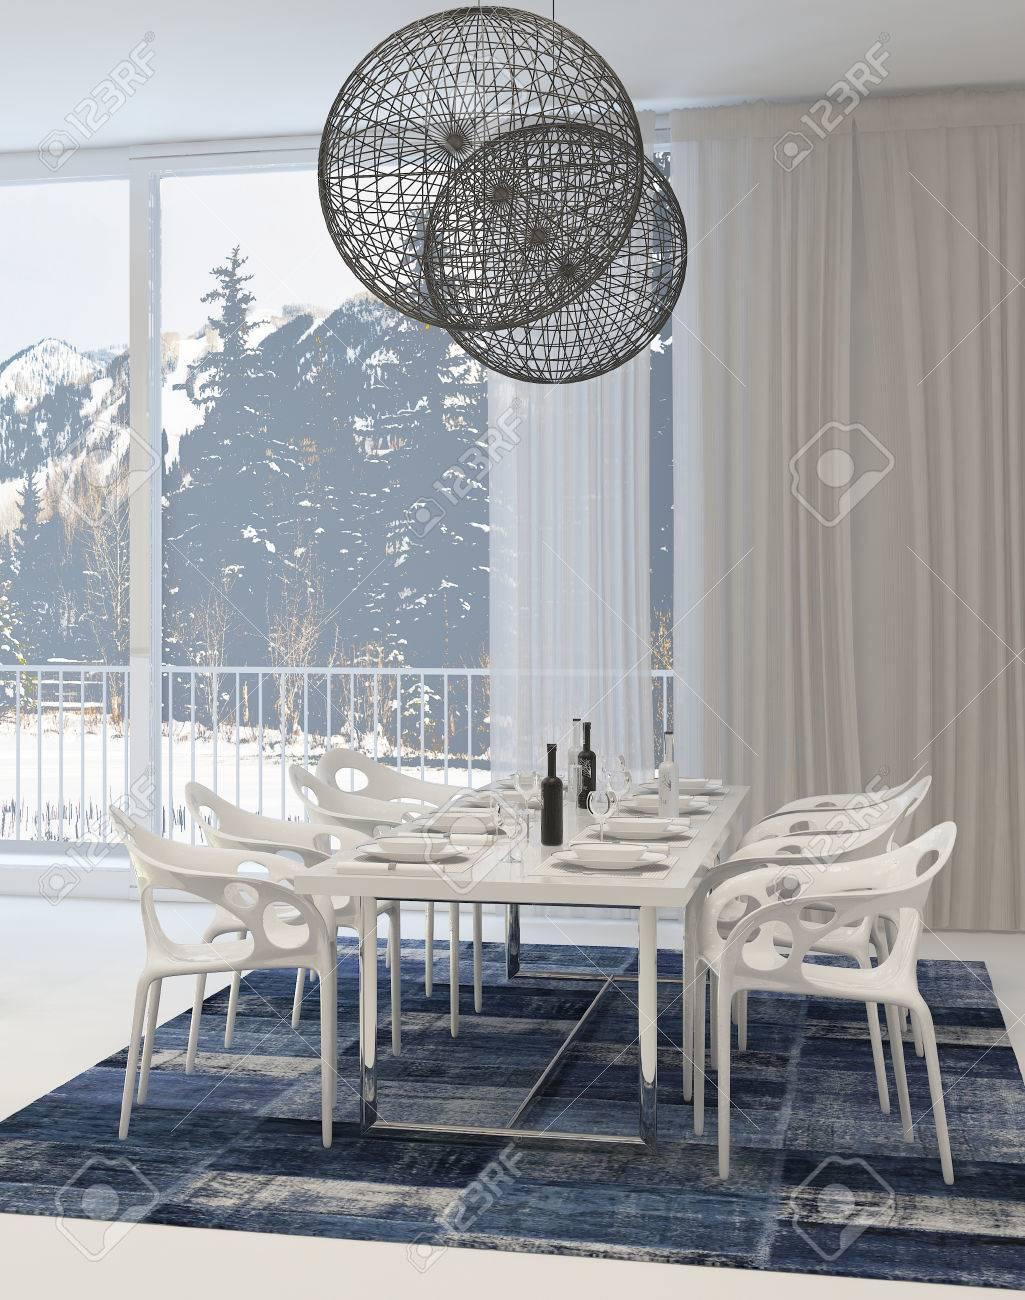 Moderne Esszimmer Mit Weißen Tisch Und Stühlen Und Globe Leuchten Und  Ansicht Der Snowy Mountains Through